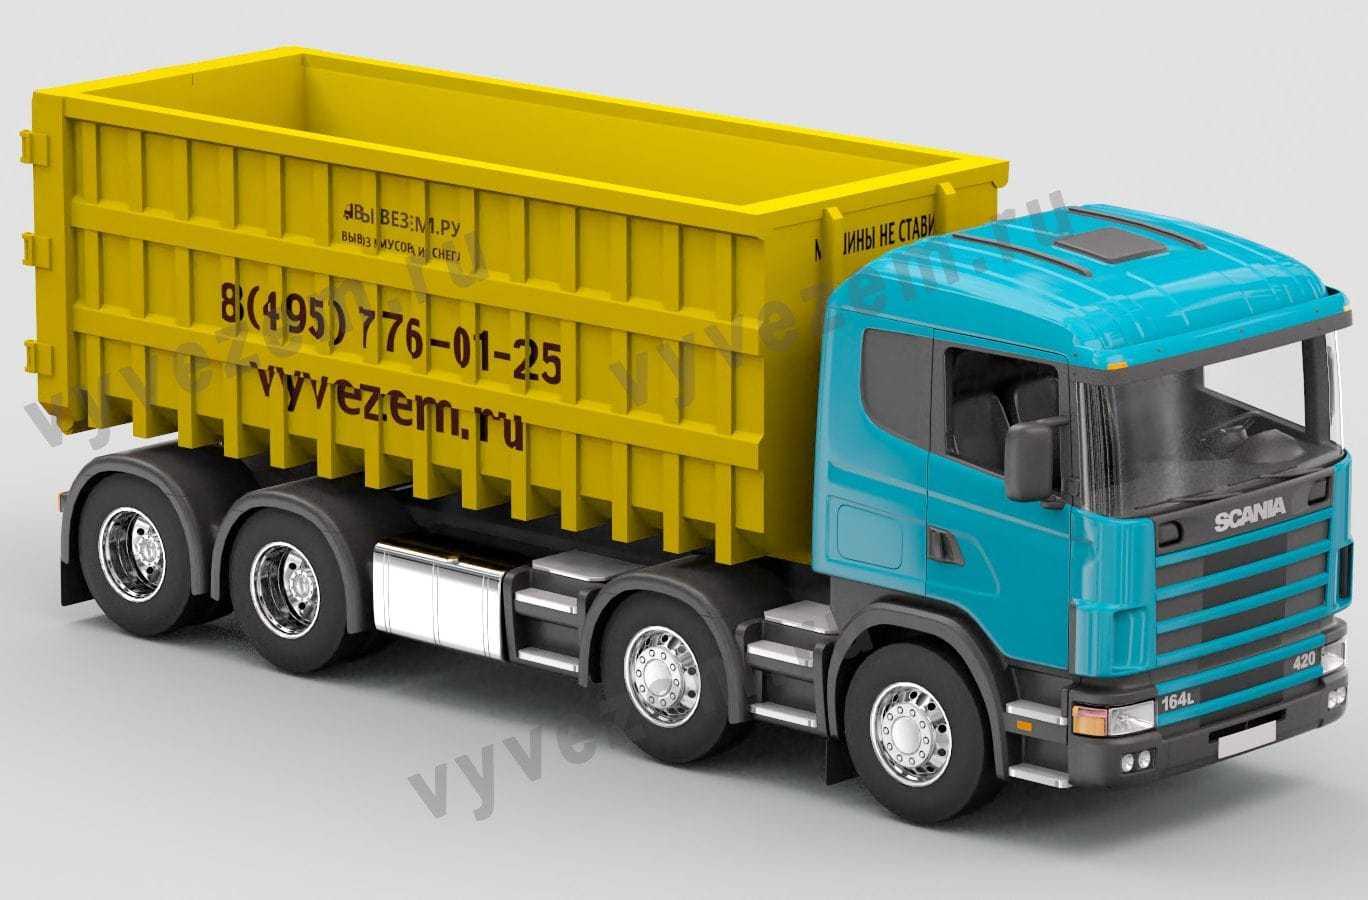 Мусоровоз-мультилифт Скания с контейнером на 36 кубов